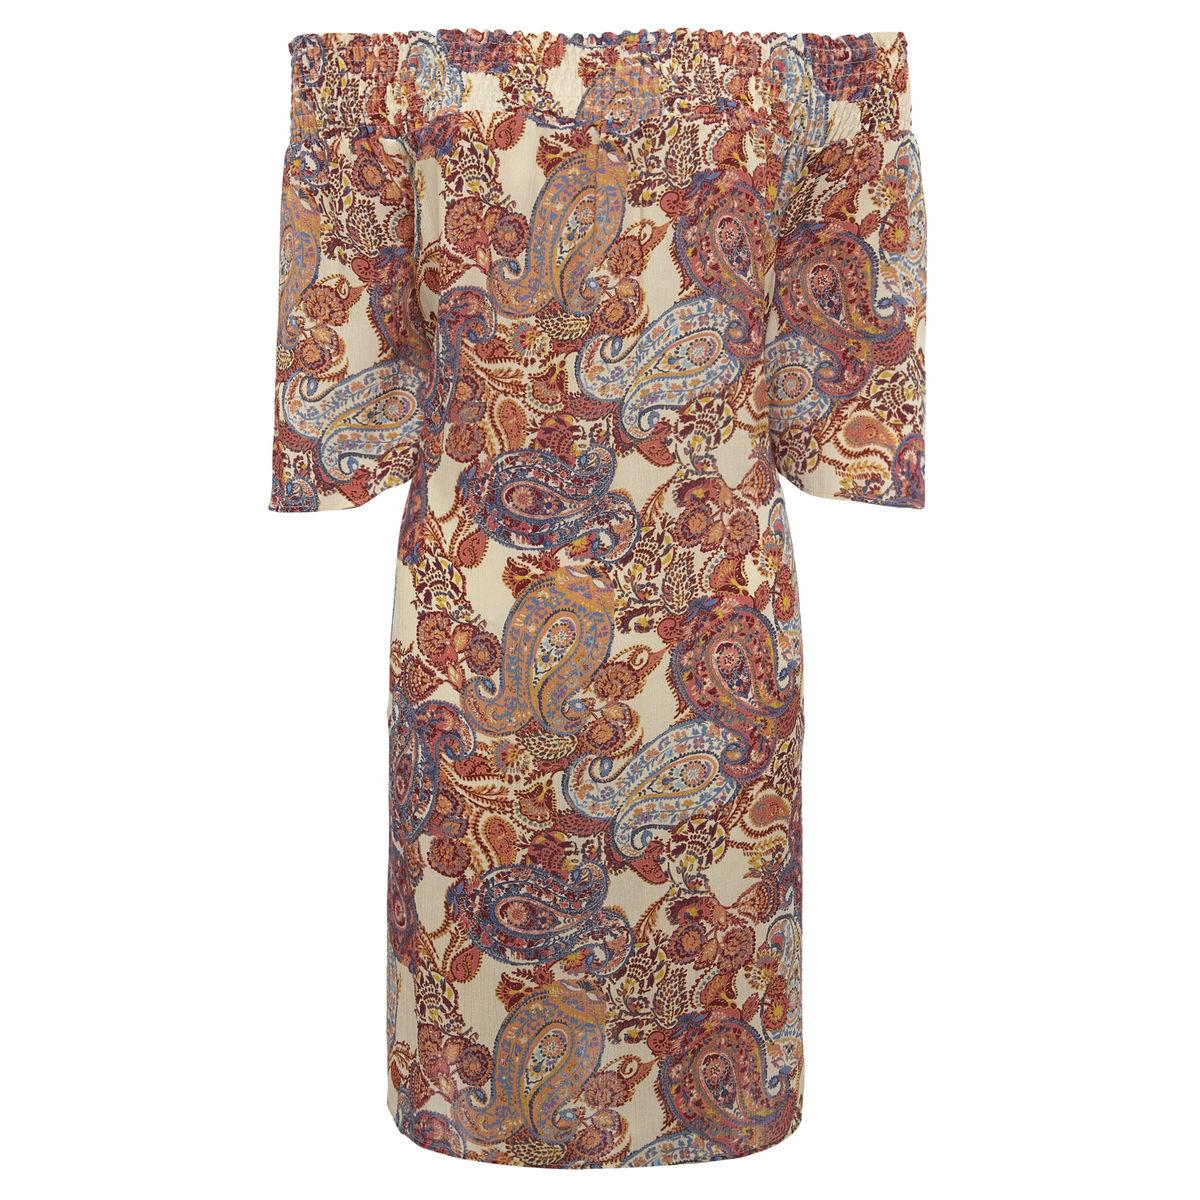 0619266e7a9a Dámske šaty s odhalenými ramenami F F - cena pred zľavnením 20 eur.